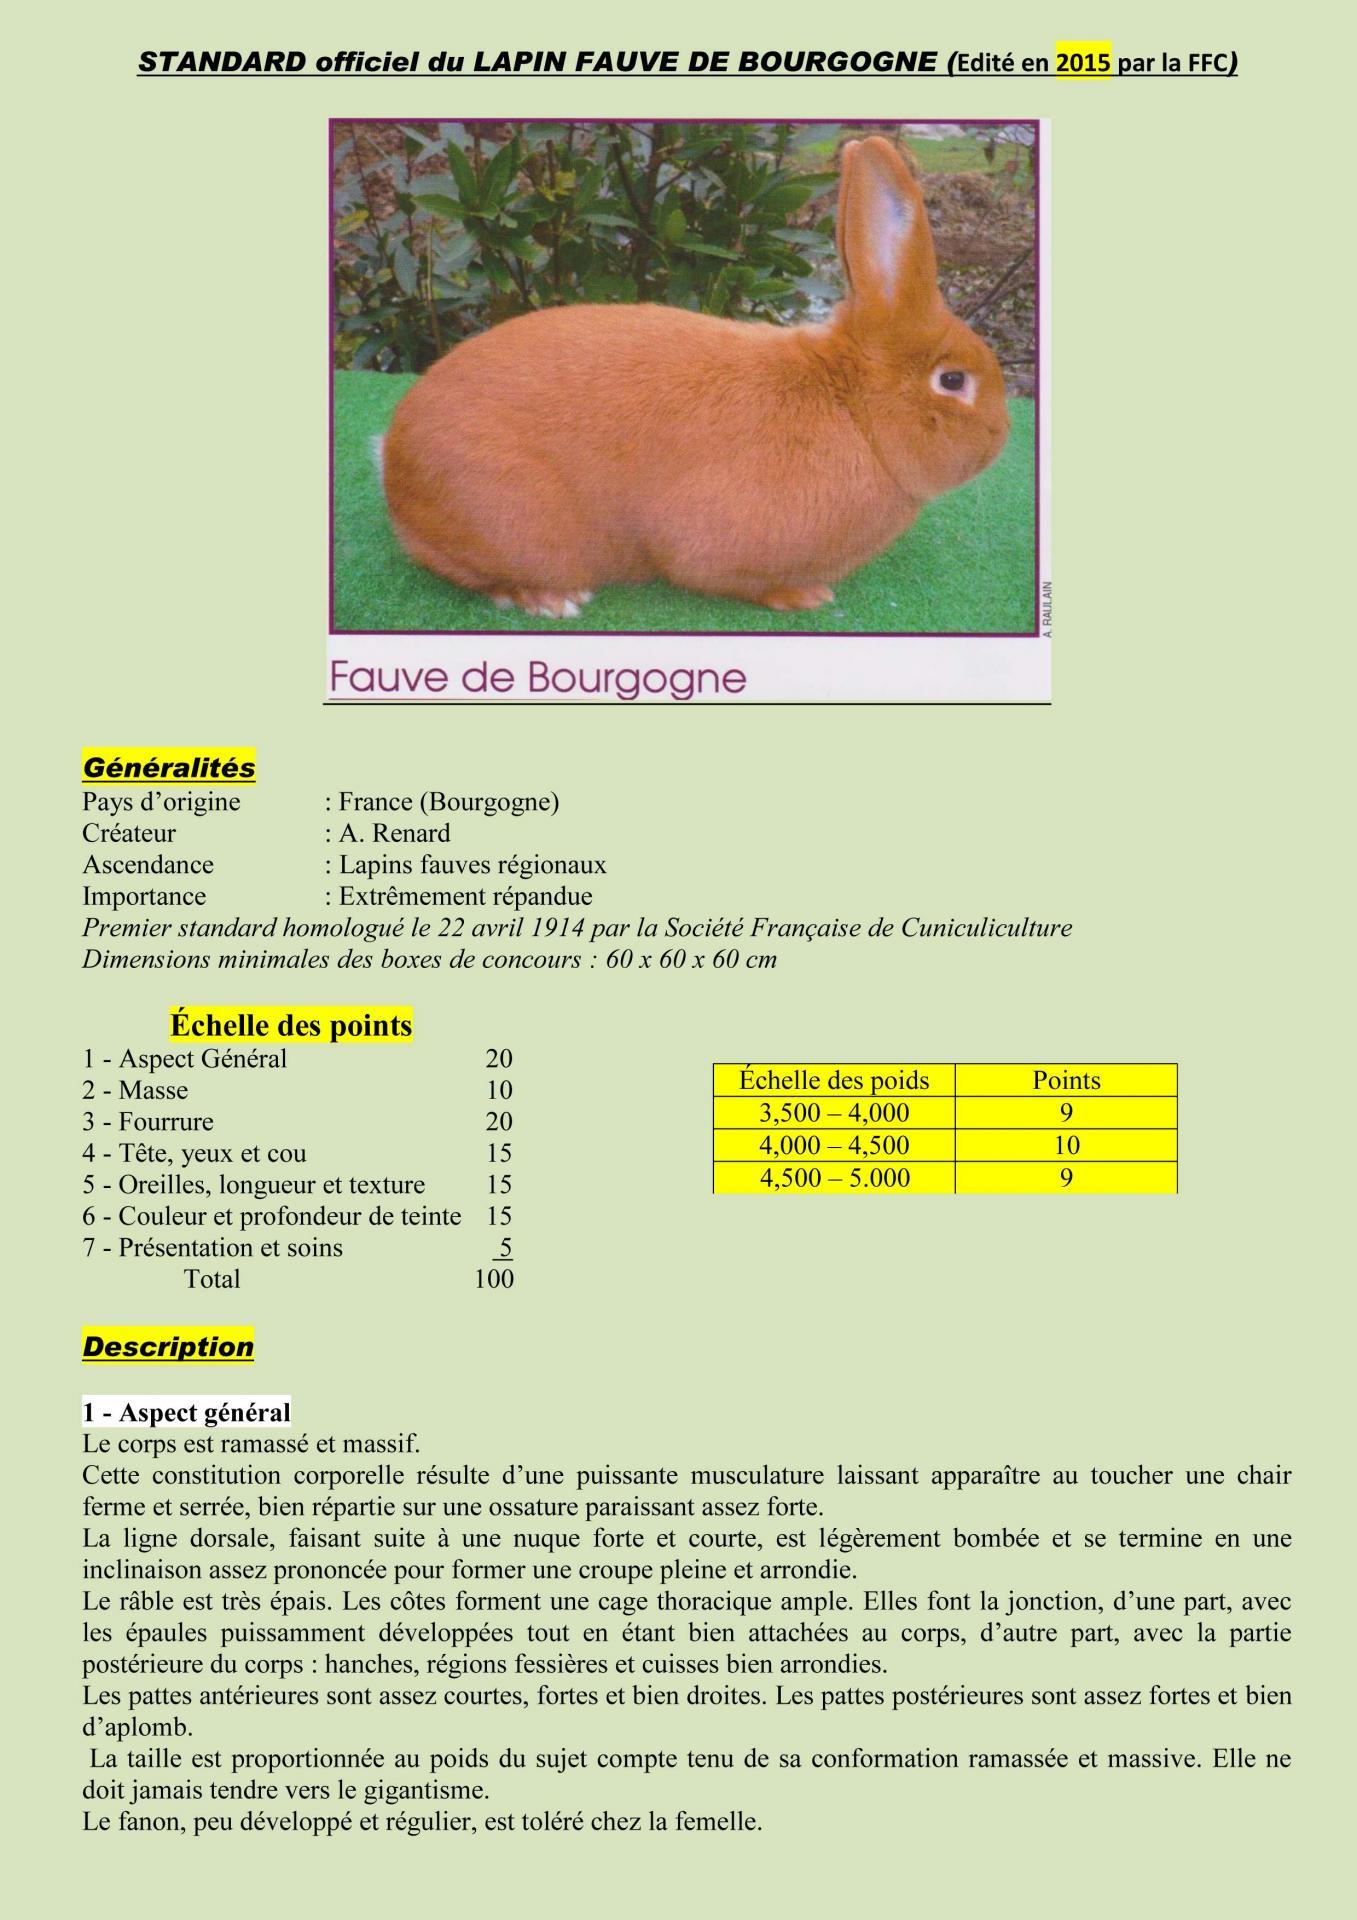 Standard officiel du lapin fauve de bourgogne edition 2015 1